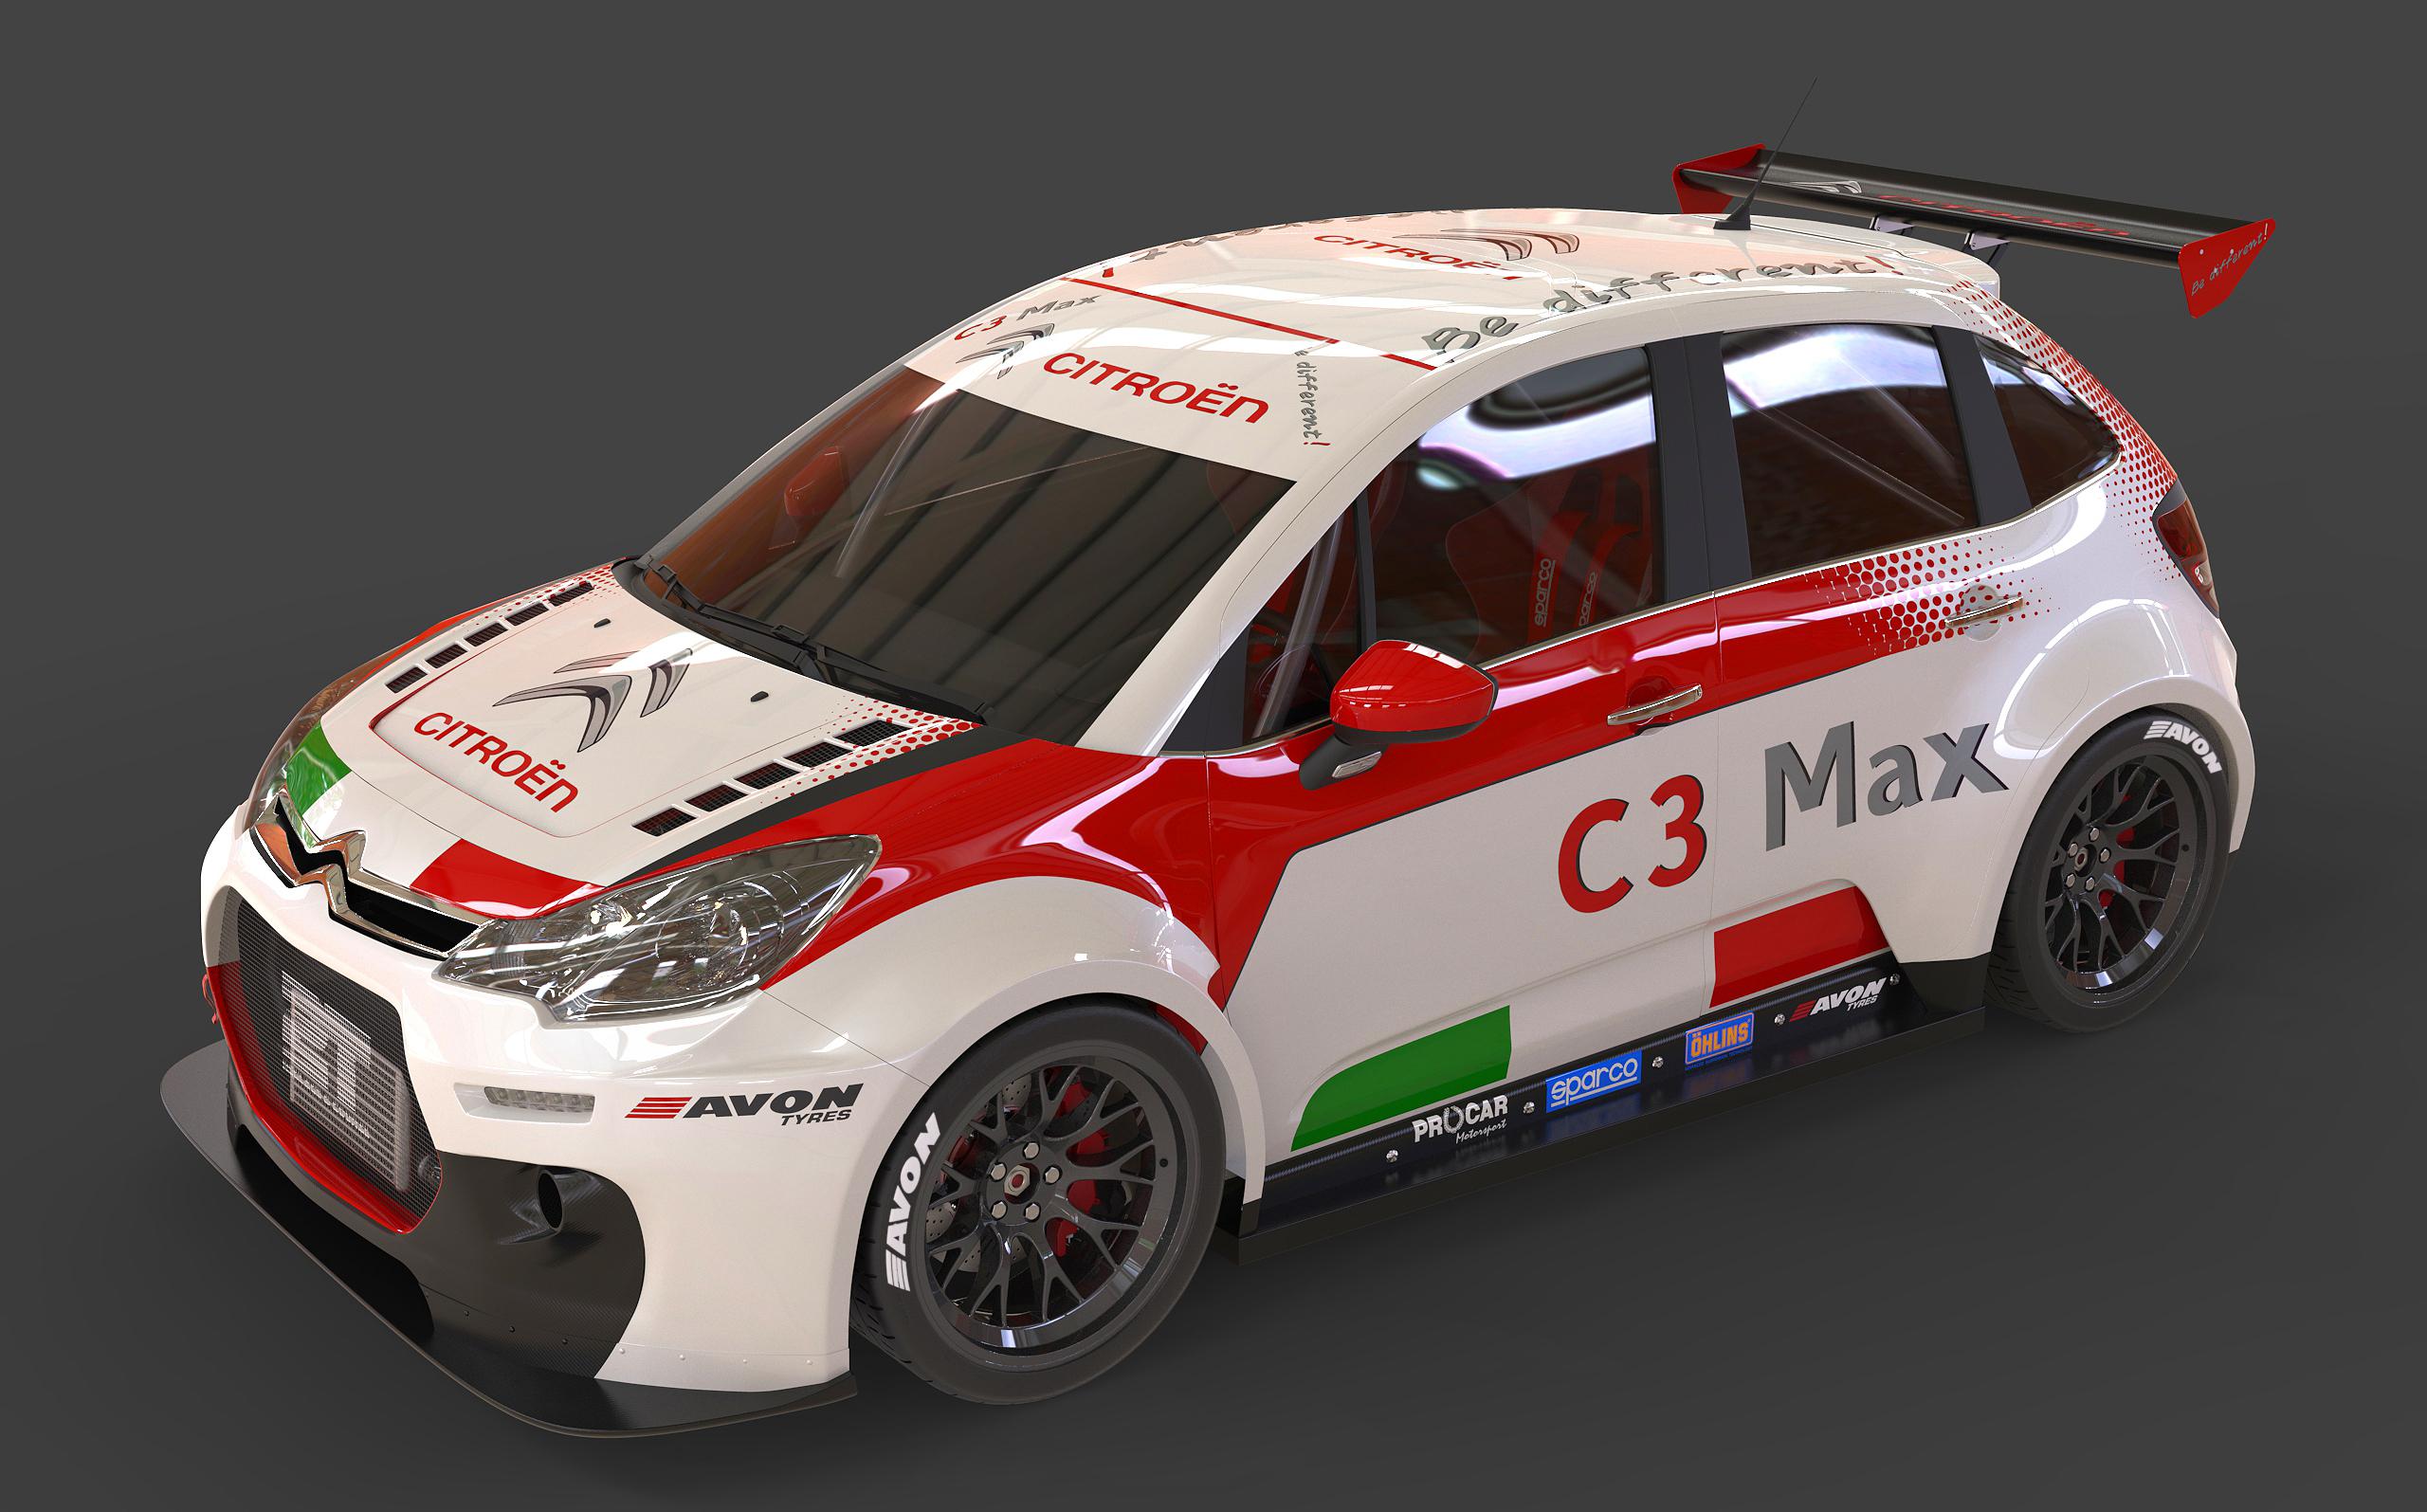 Citroën C3 Max scende in pista nel CITE